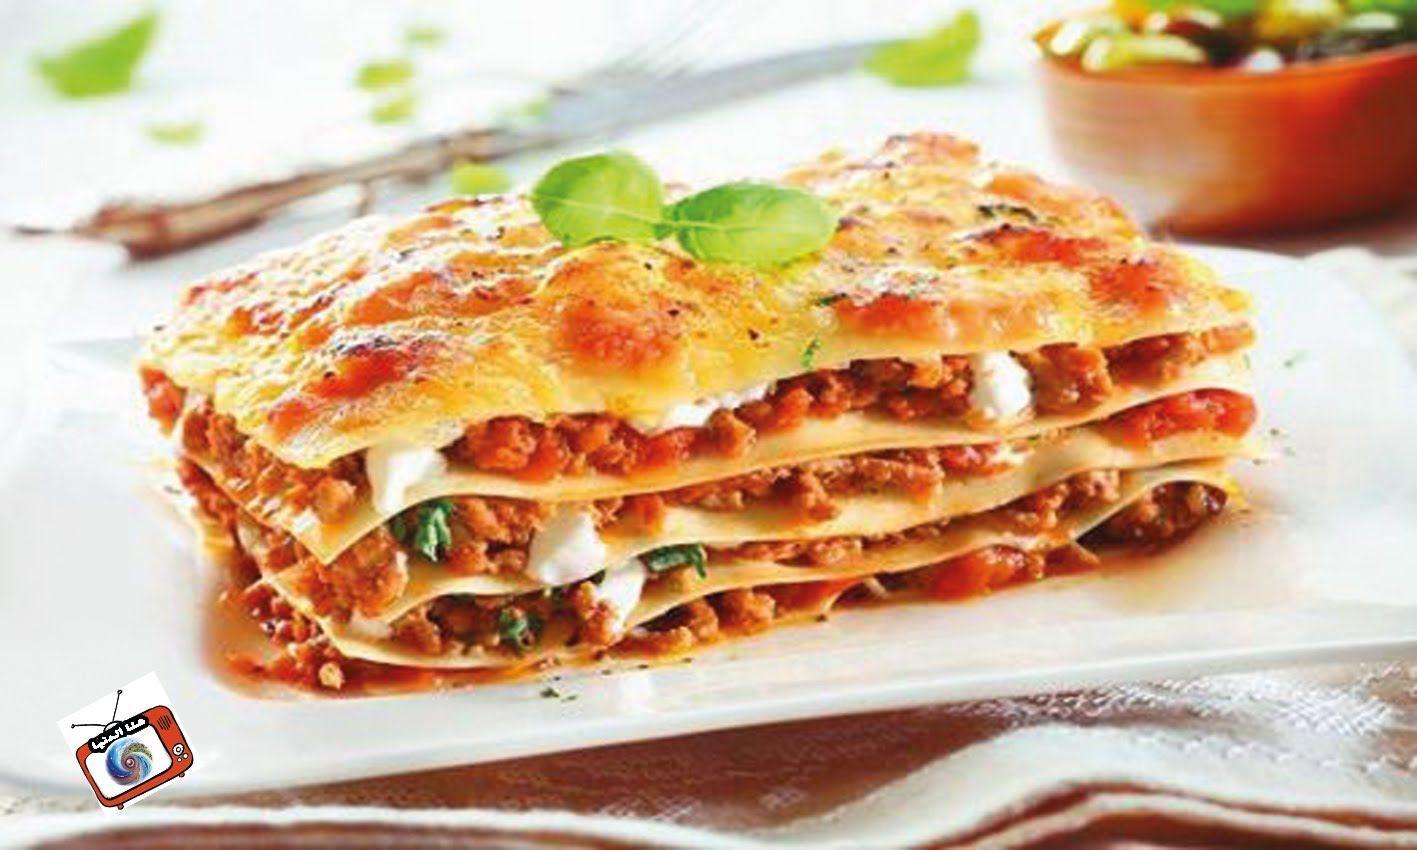 طريقة عمل لازانيا باللحم والبشاميل Vegetarian Lasagna Food Network Recipes Lasagna